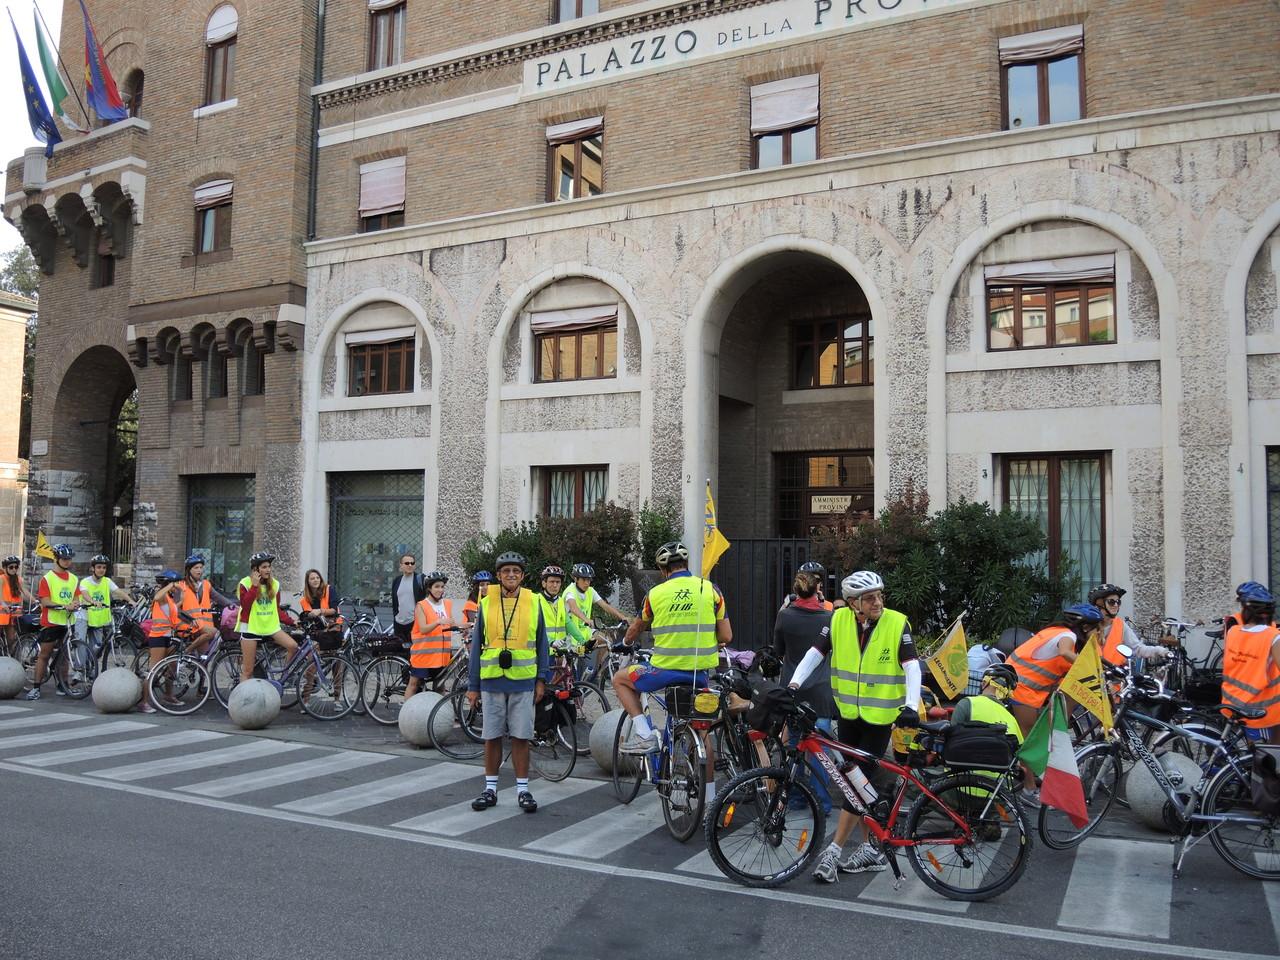 partenza dal Palazzo della Provincia di Ravenna